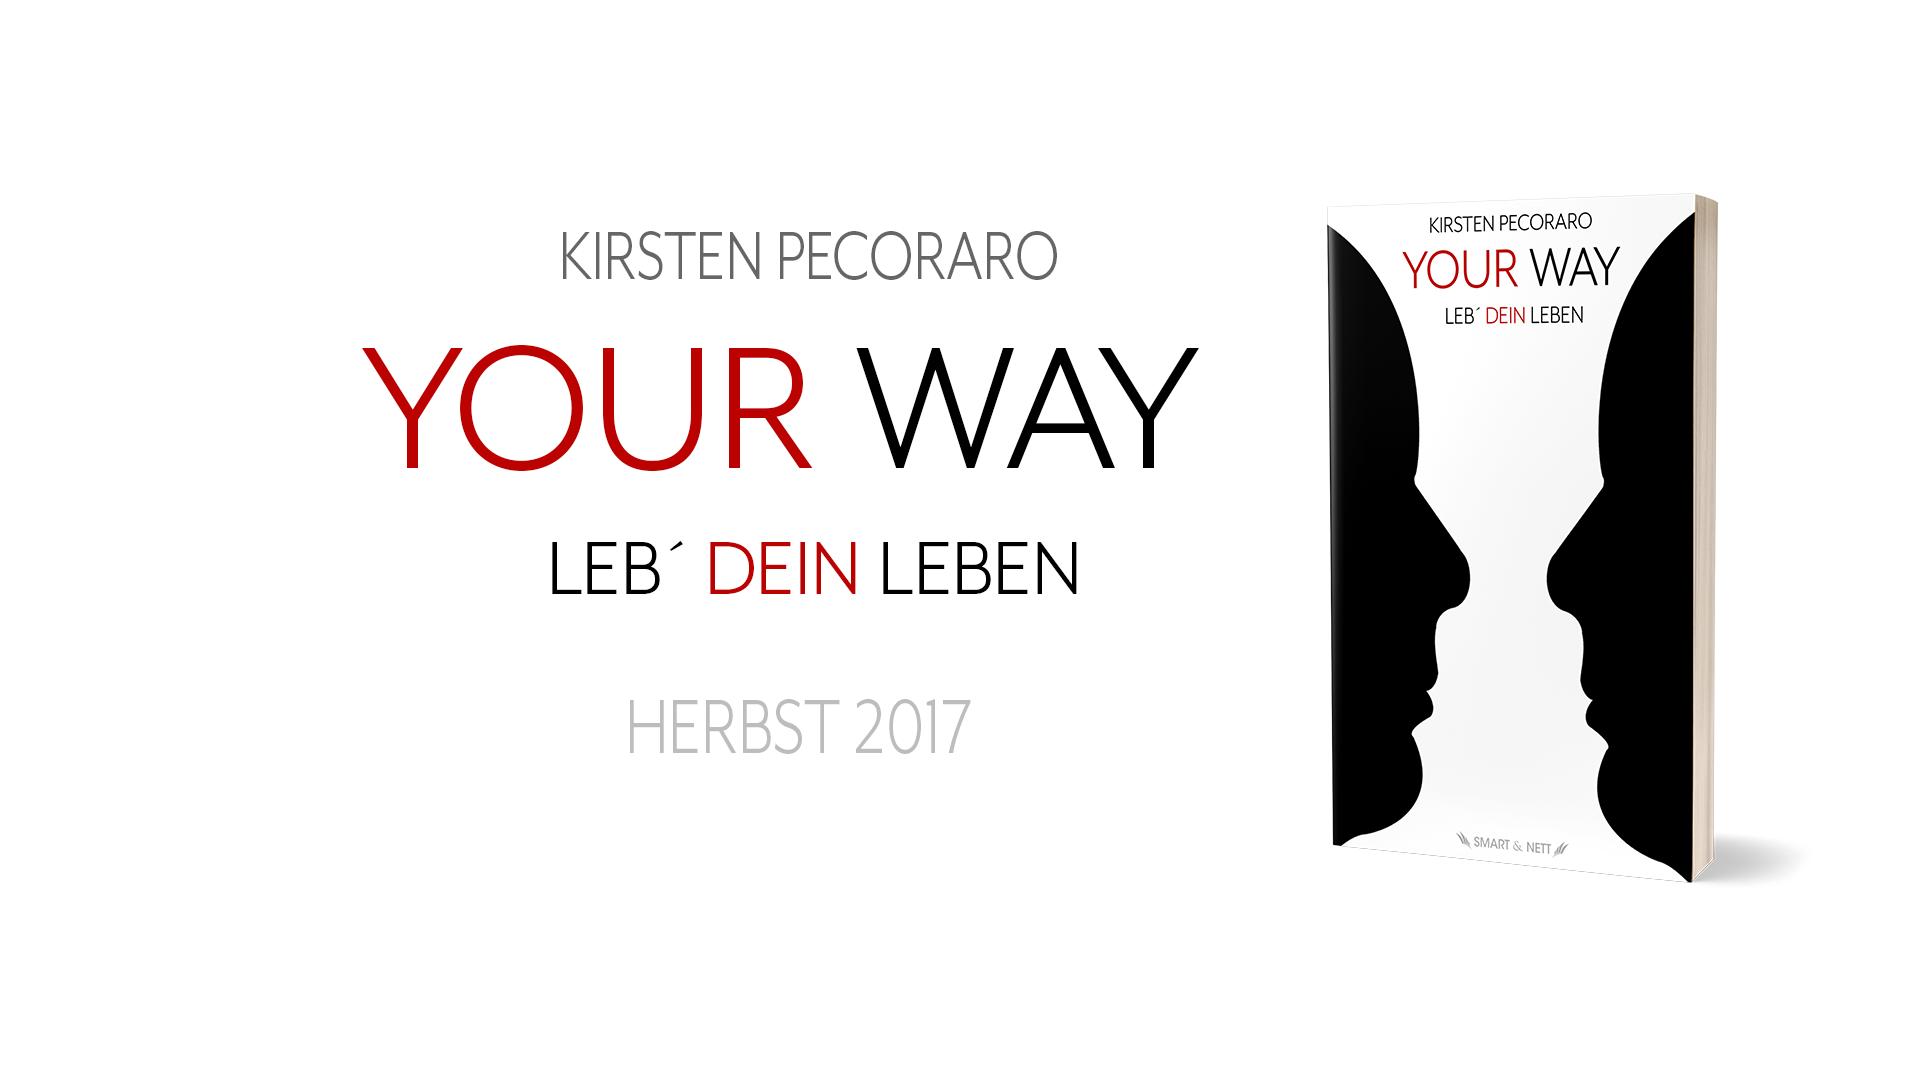 Your Way | Kirsten Pecoraro | Smart & Nett Verlag